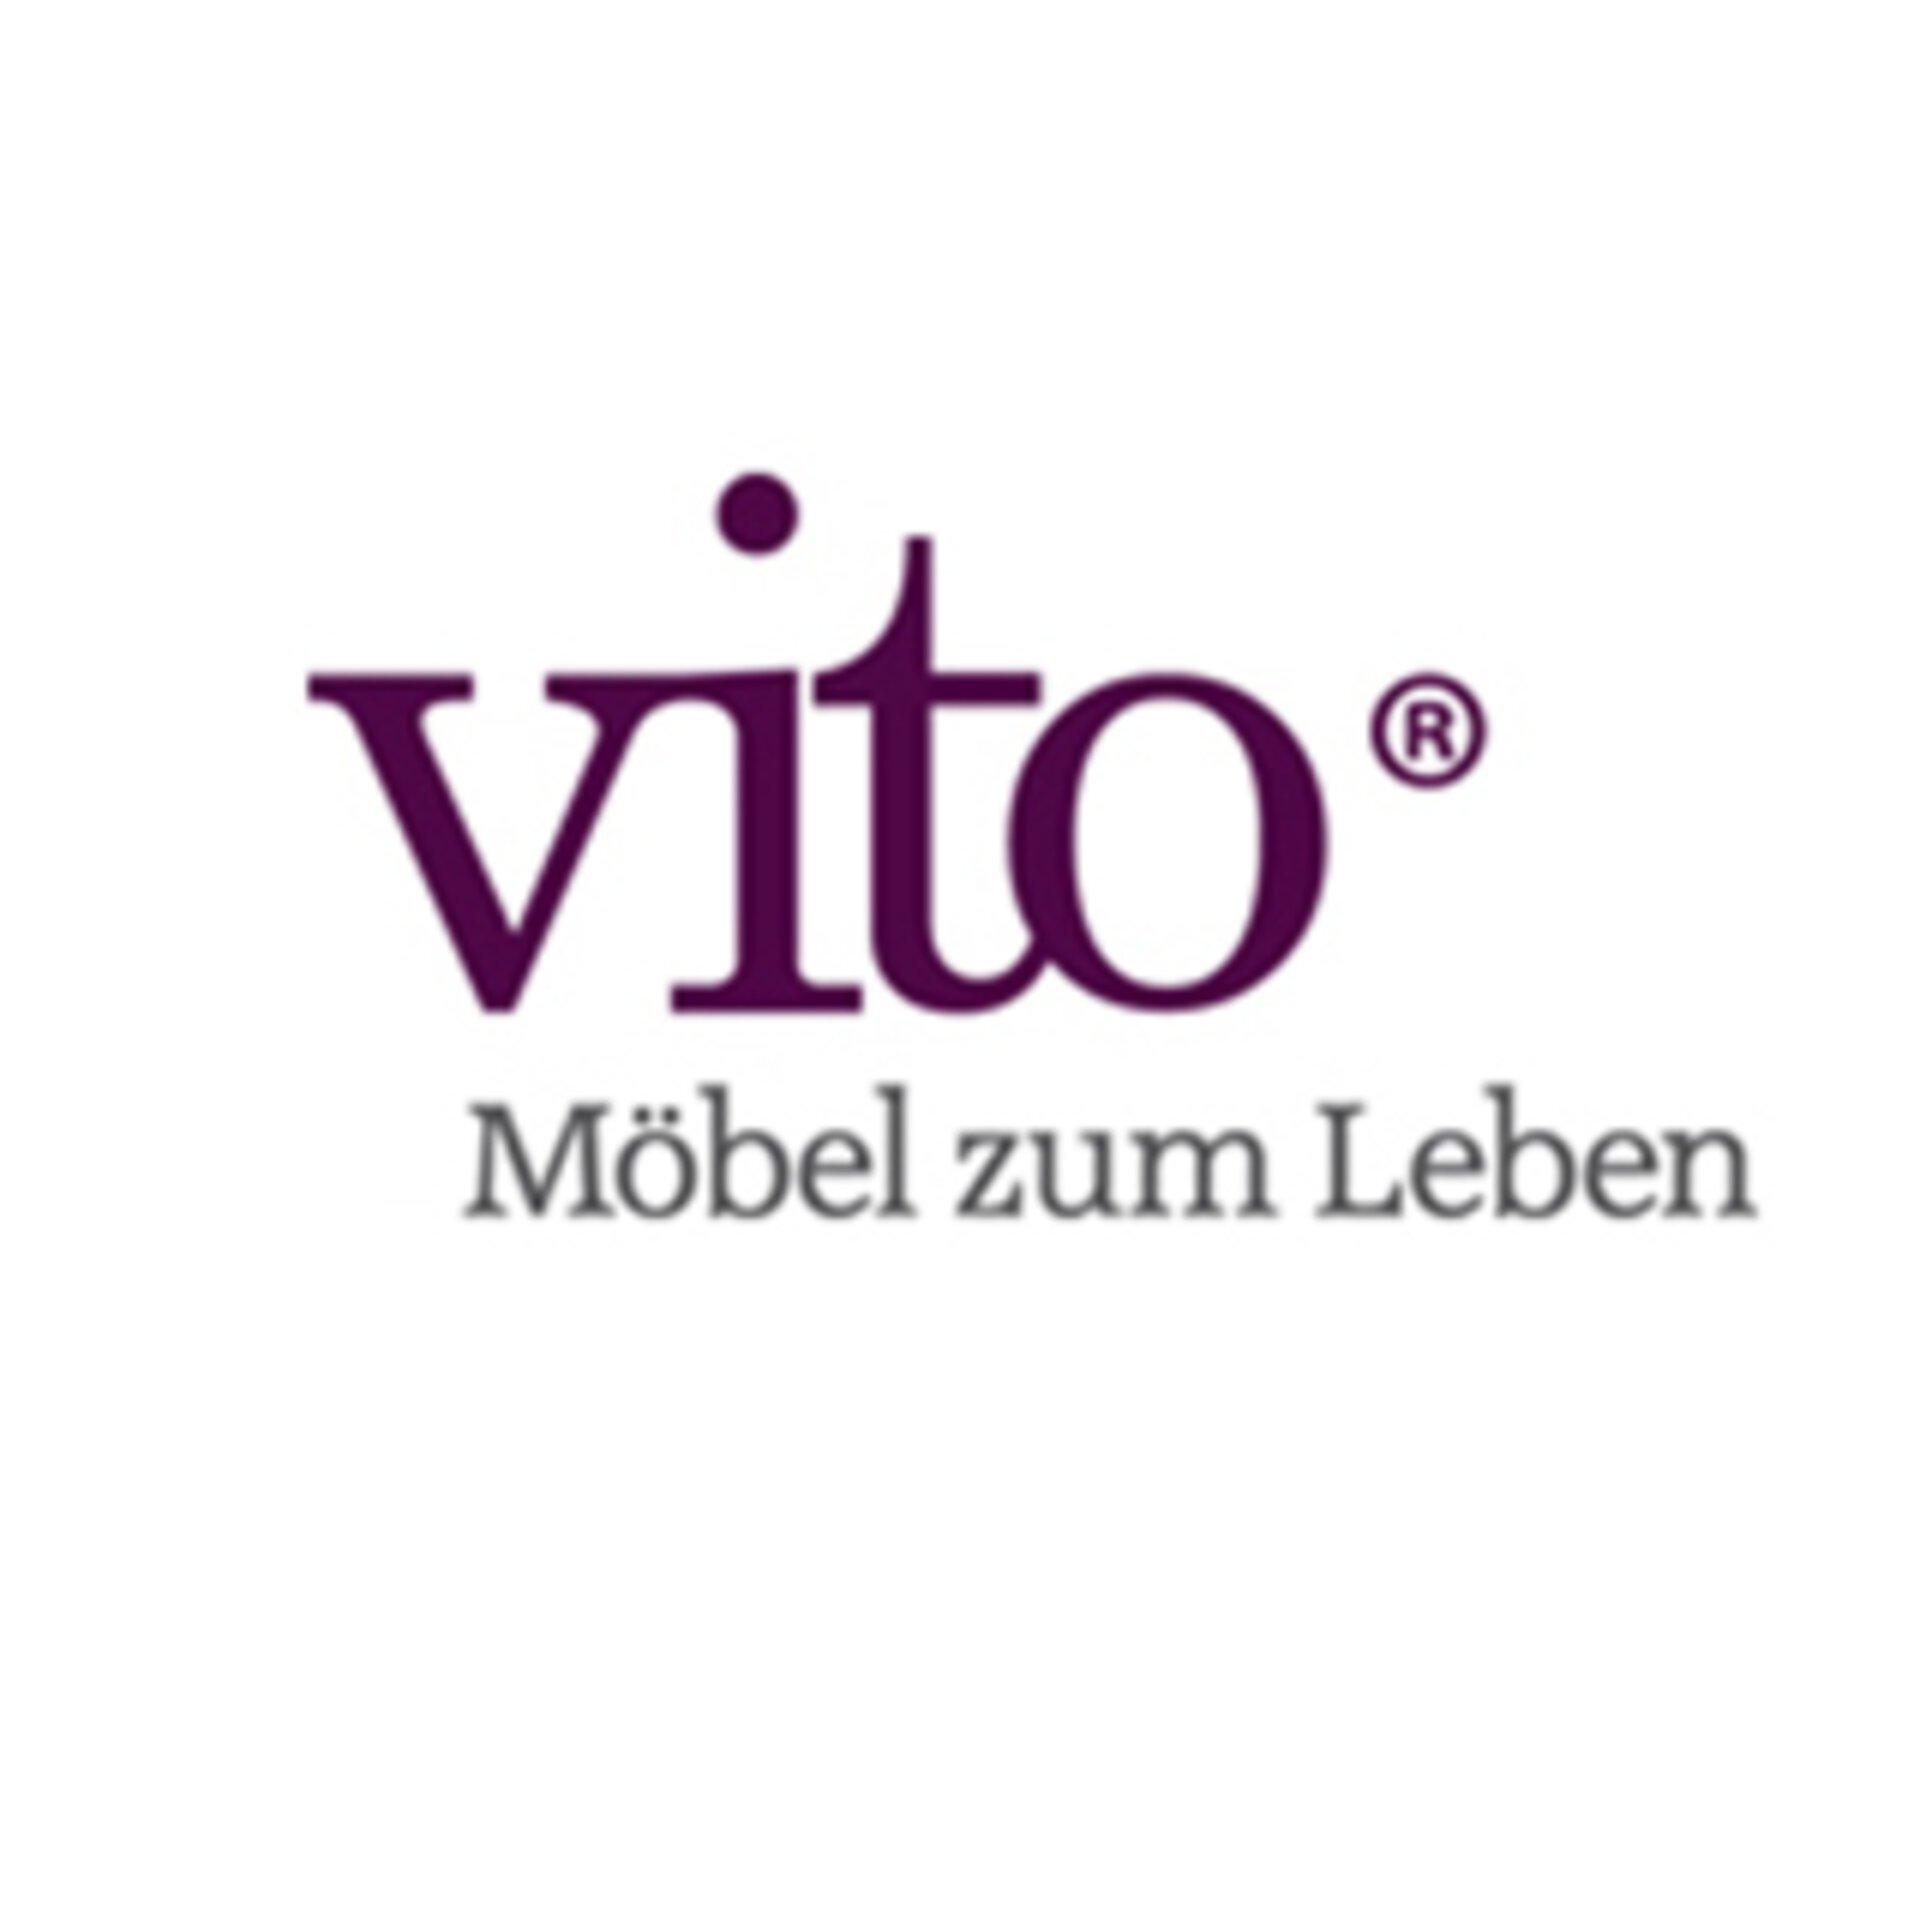 Marken Logo  vito Möbel zum Leben